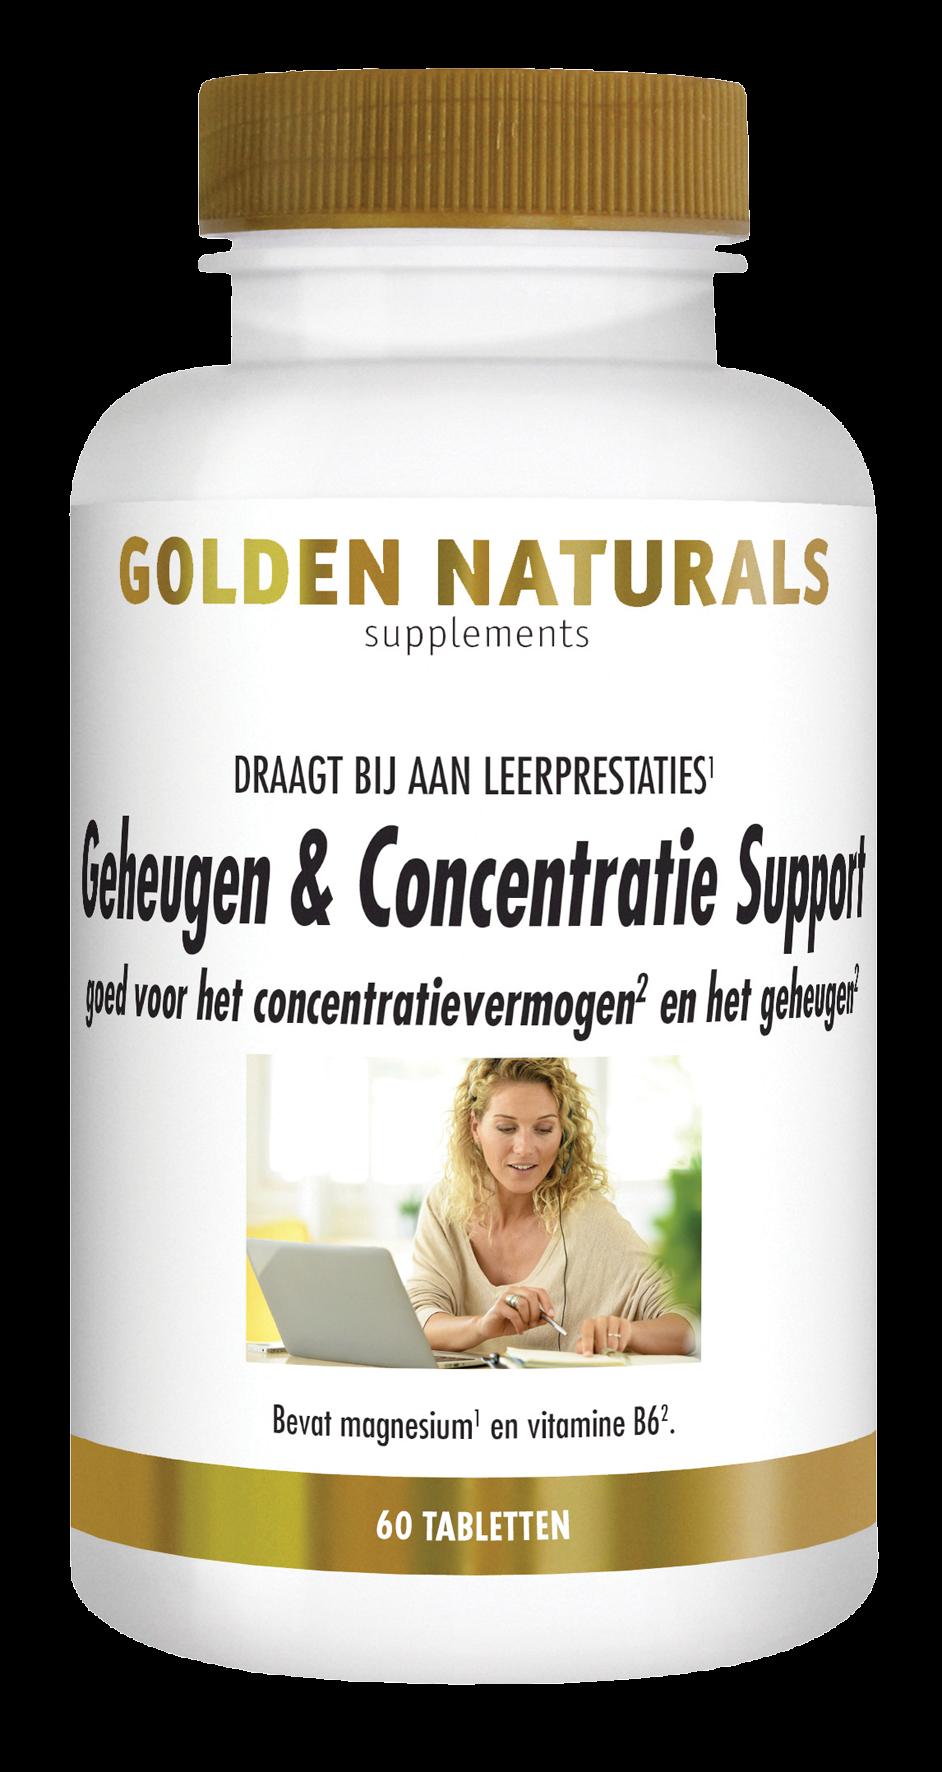 Golden Naturals Geheugen & Concentratie Support